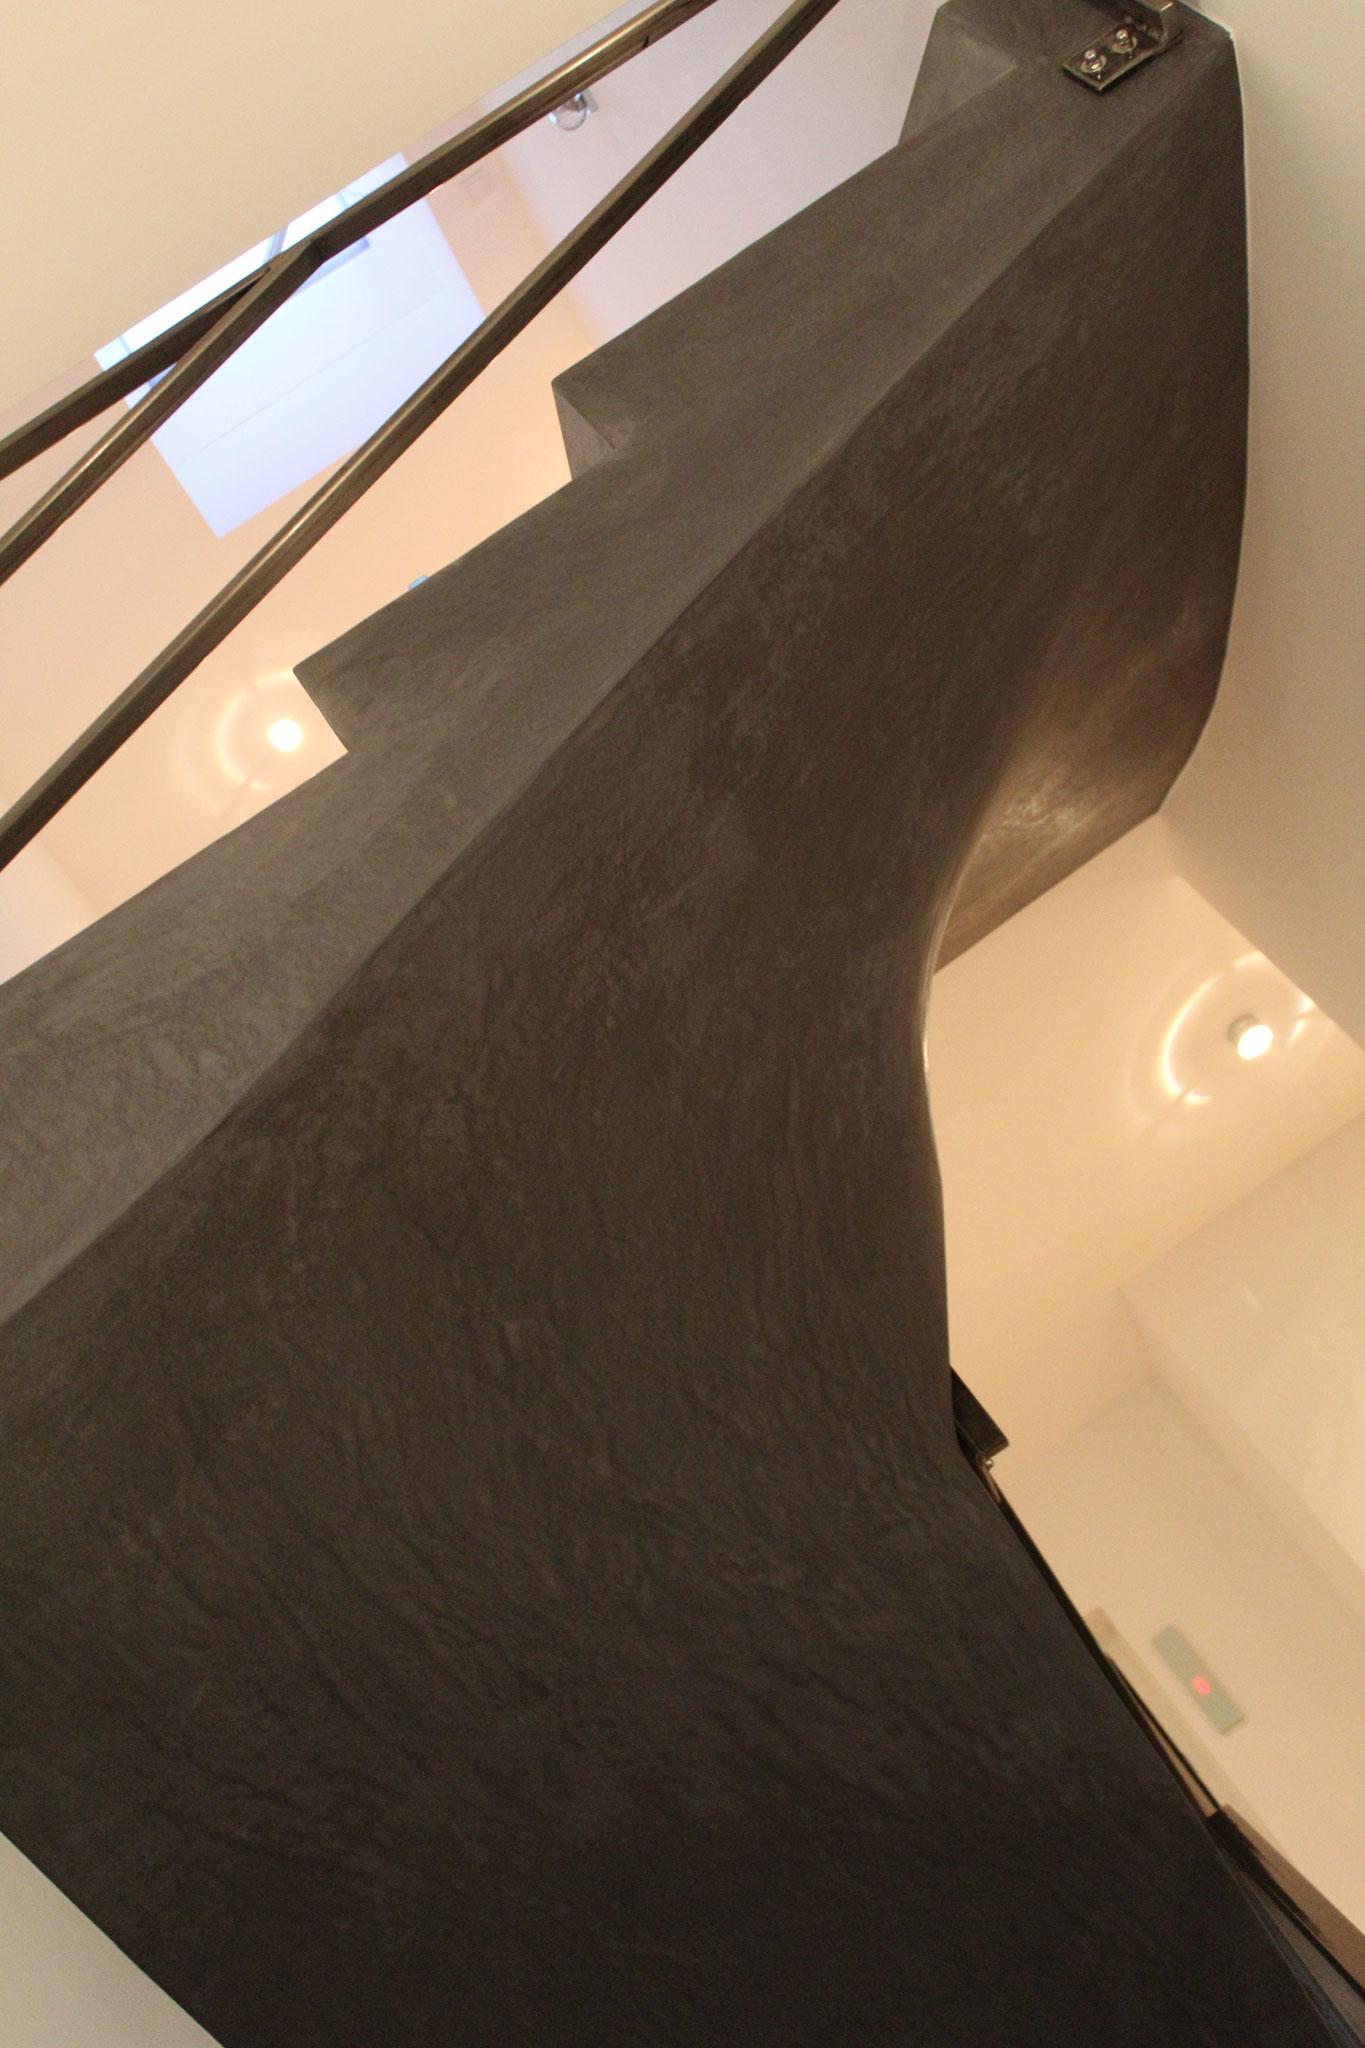 Sichtbeton Verkleidung betonfertigstufen winkelstufen nonnast raum beton design